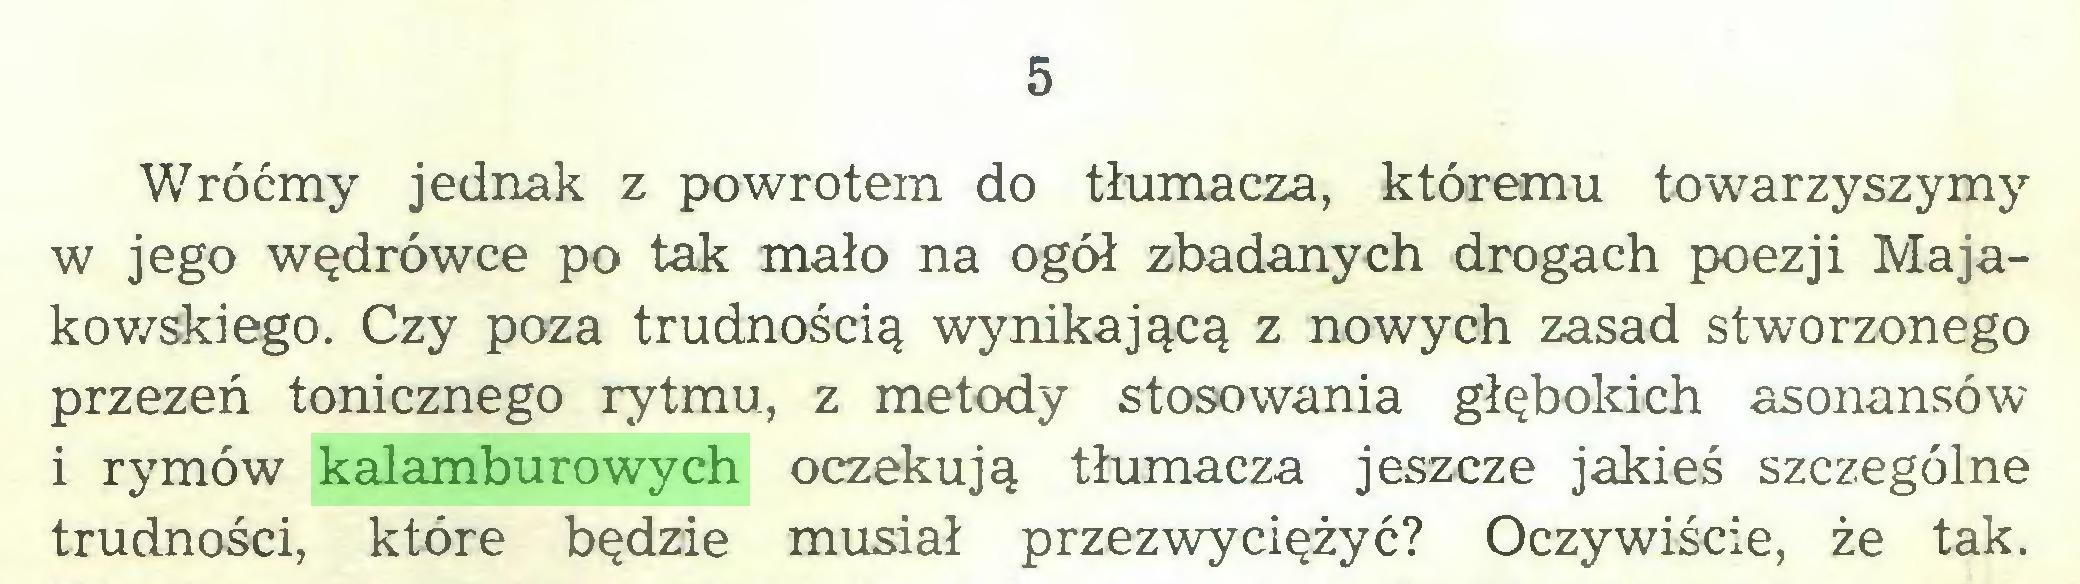 (...) 5 Wróćmy jednak z powrotem do tłumacza, któremu towarzyszymy w jego wędrówce po tak mało na ogół zbadanych drogach poezji Majakowskiego. Czy poza trudnością wynikającą z nowych zasad stworzonego przezeń tonicznego rytmu, z metody stosowania głębokich asonansów i rymów kalamburowych oczekują tłumacza jeszcze jakieś szczególne trudności, które będzie musiał przezwyciężyć? Oczywiście, że tak...